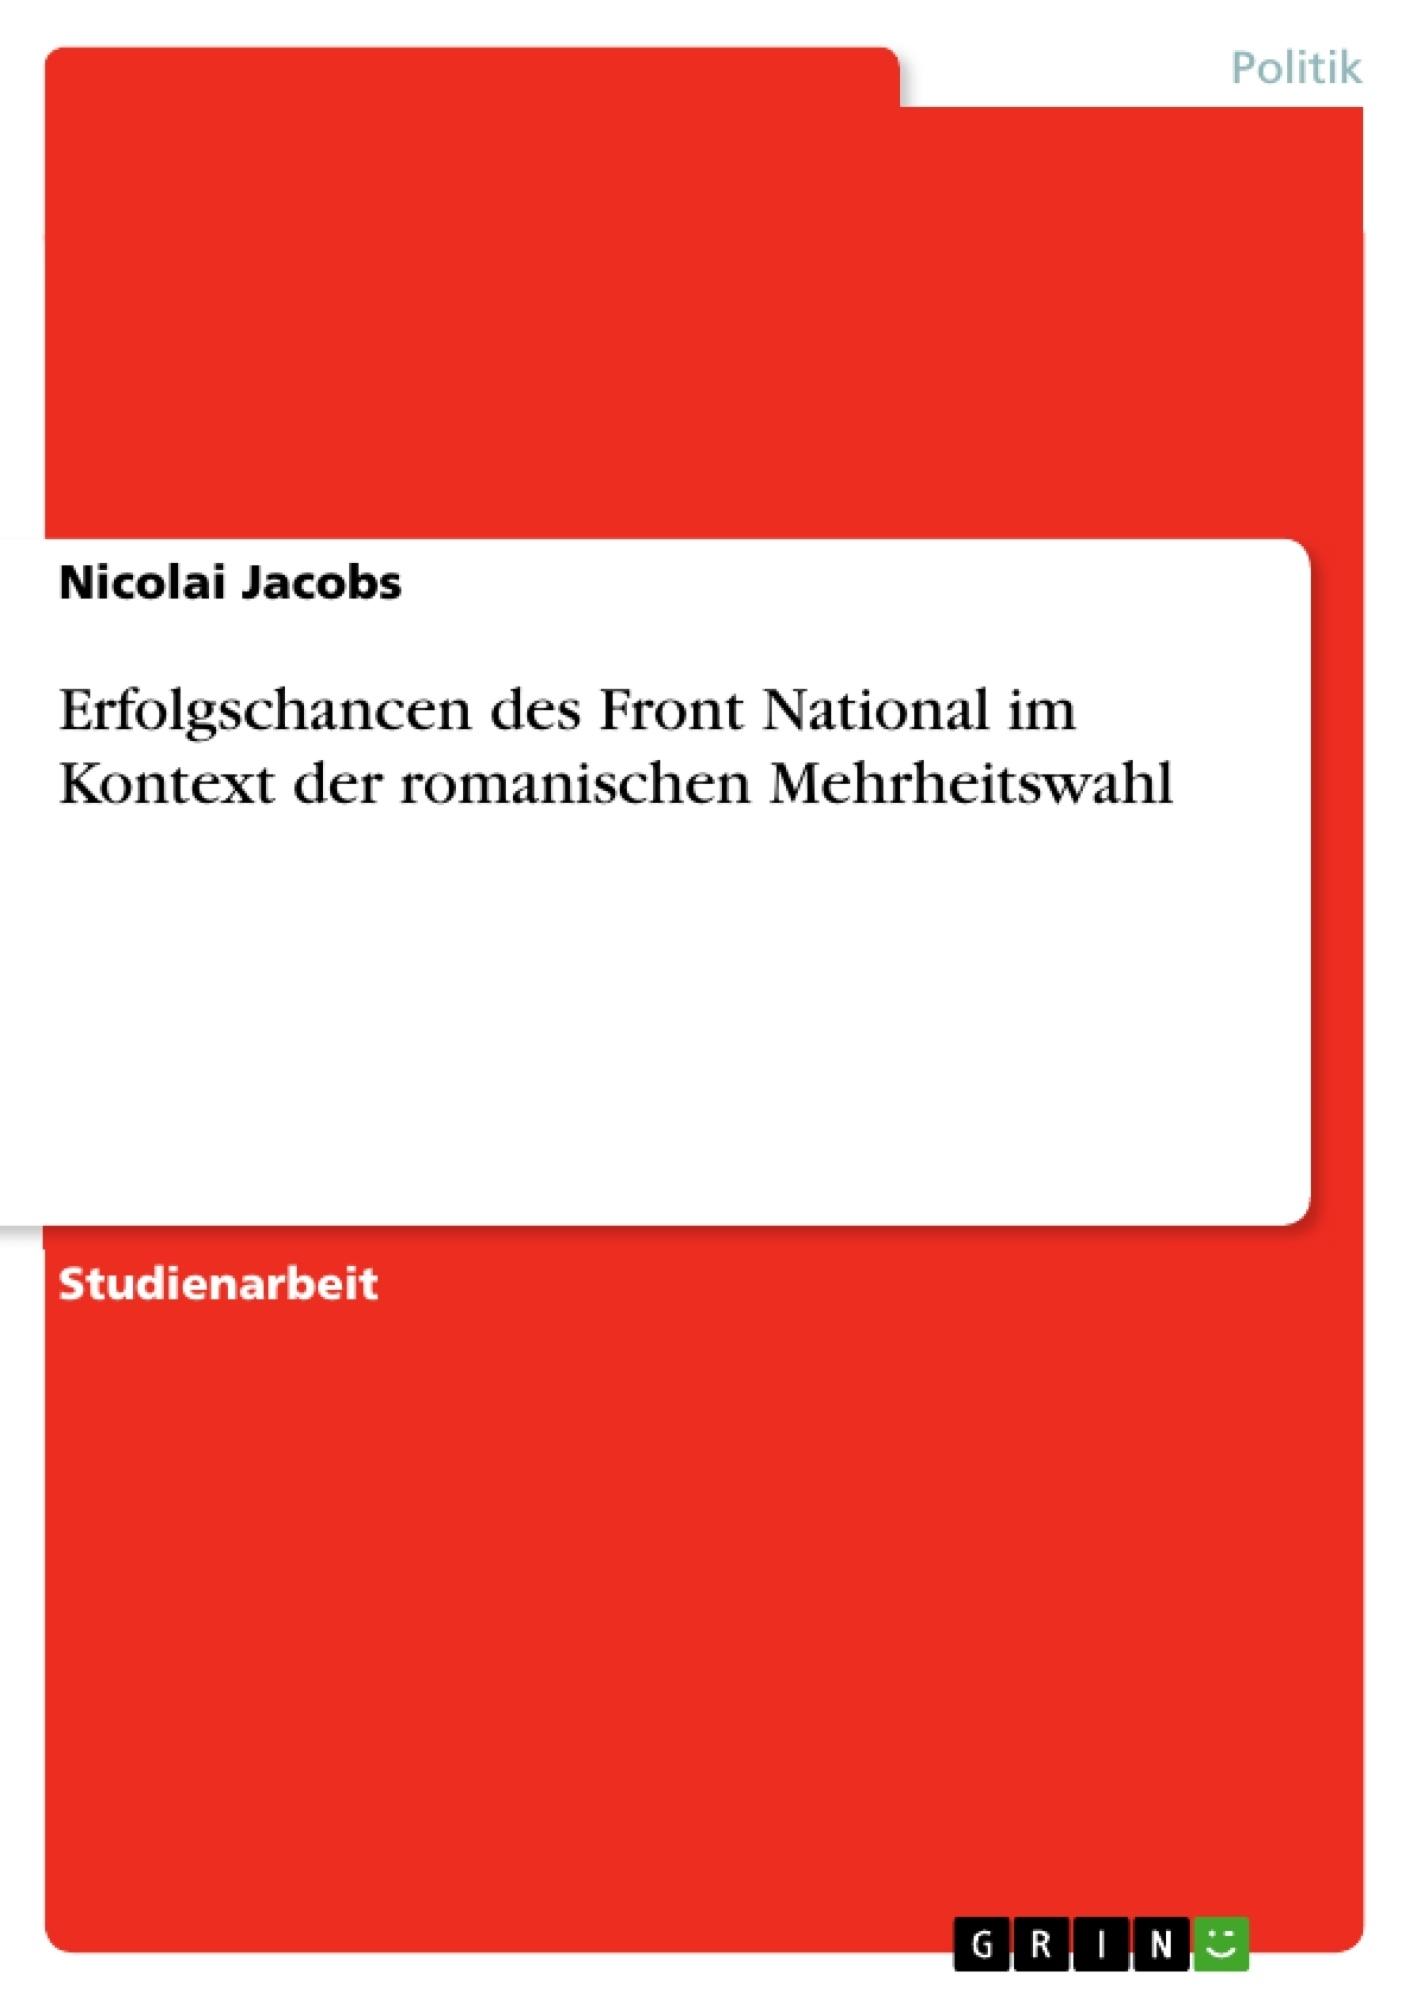 Titel: Erfolgschancen des Front National im Kontext der romanischen Mehrheitswahl